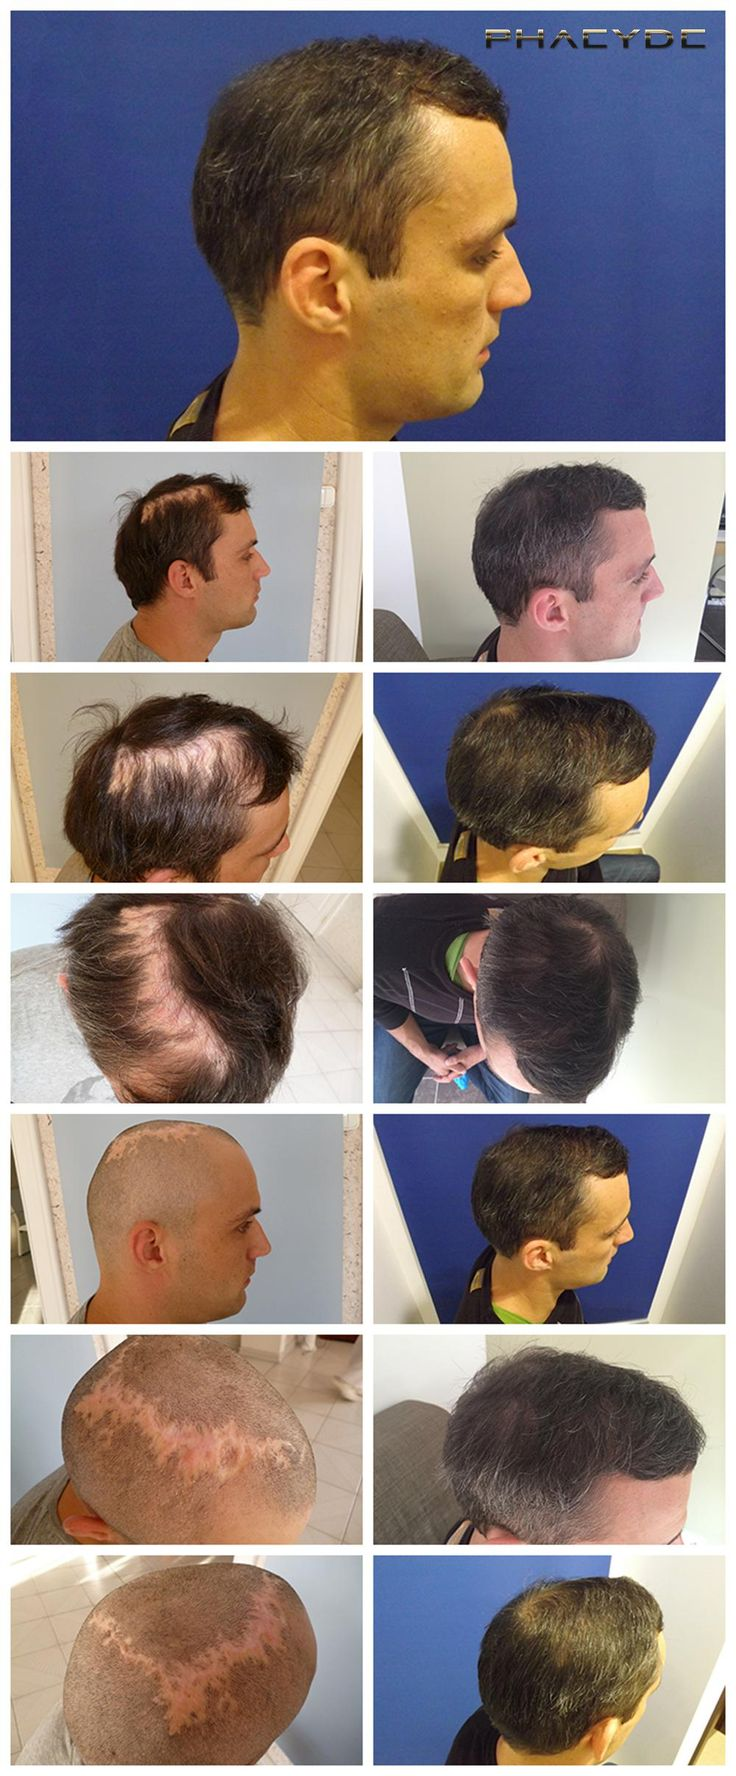 Avoir une restauration de cheveux et se débarrasser des problèmes de calvitie  http://fr.phaeyde.com/greffe-de-cheveux